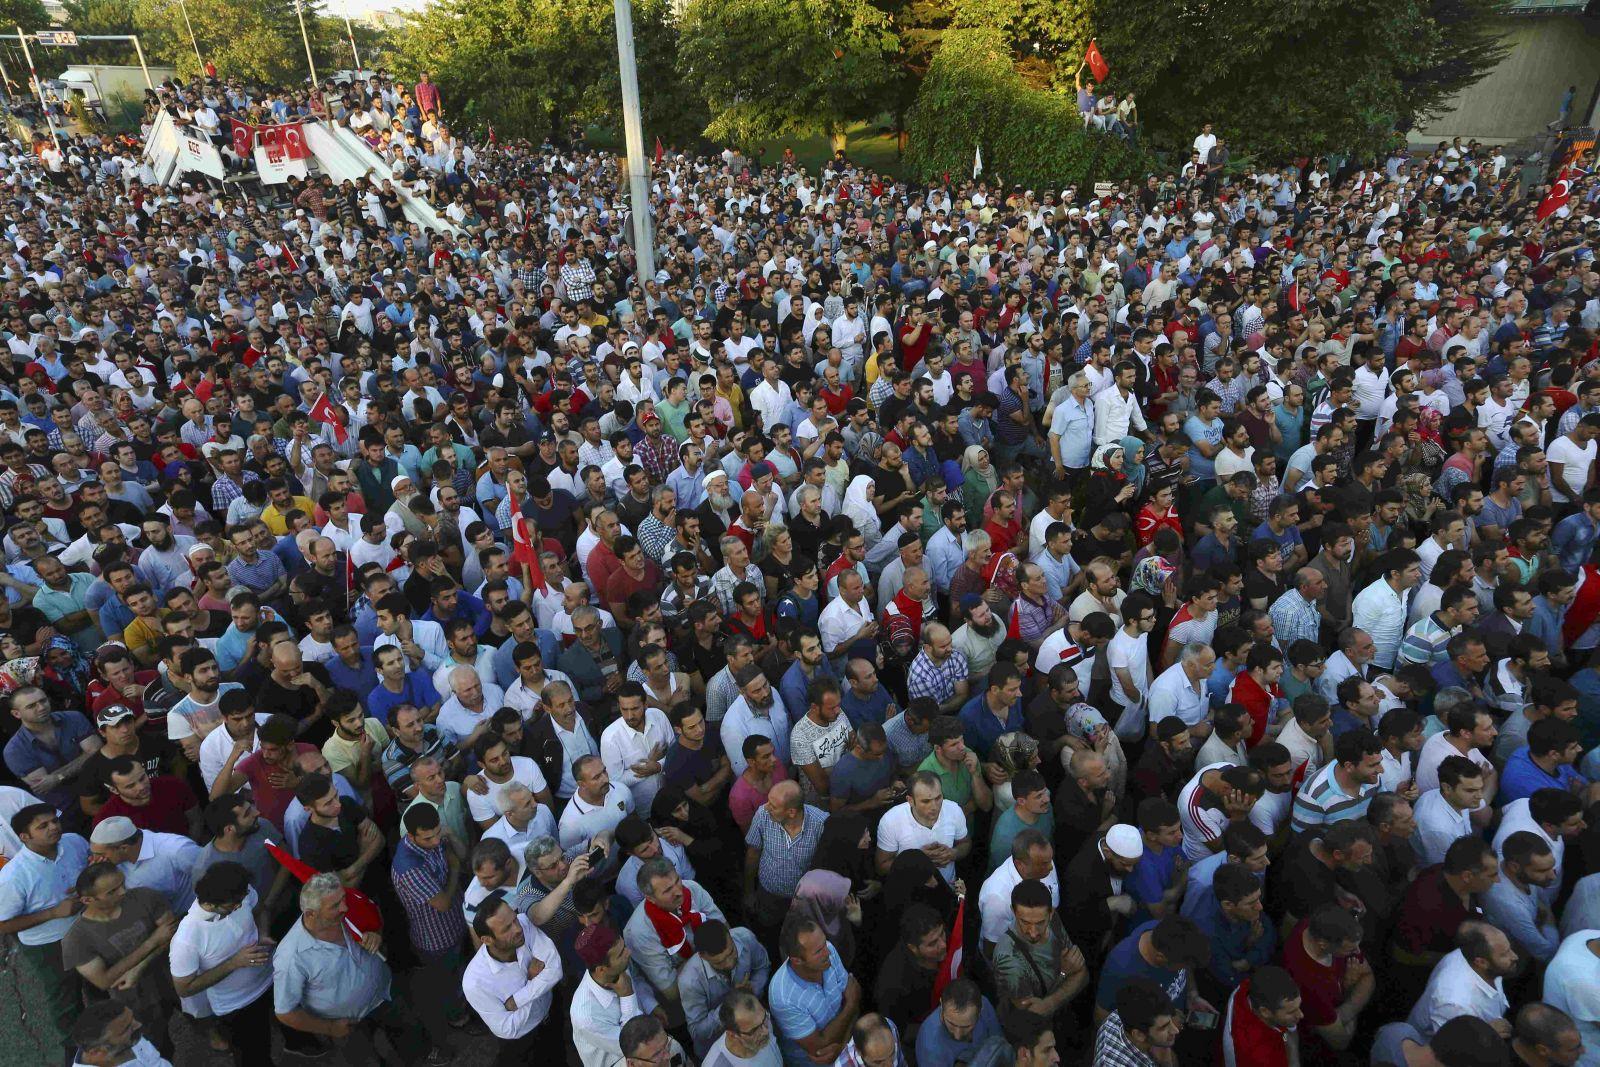 مظاهرات واسعة عمّت تركيا رفضًا للانقلاب والأحكام العرفية (رويترز)